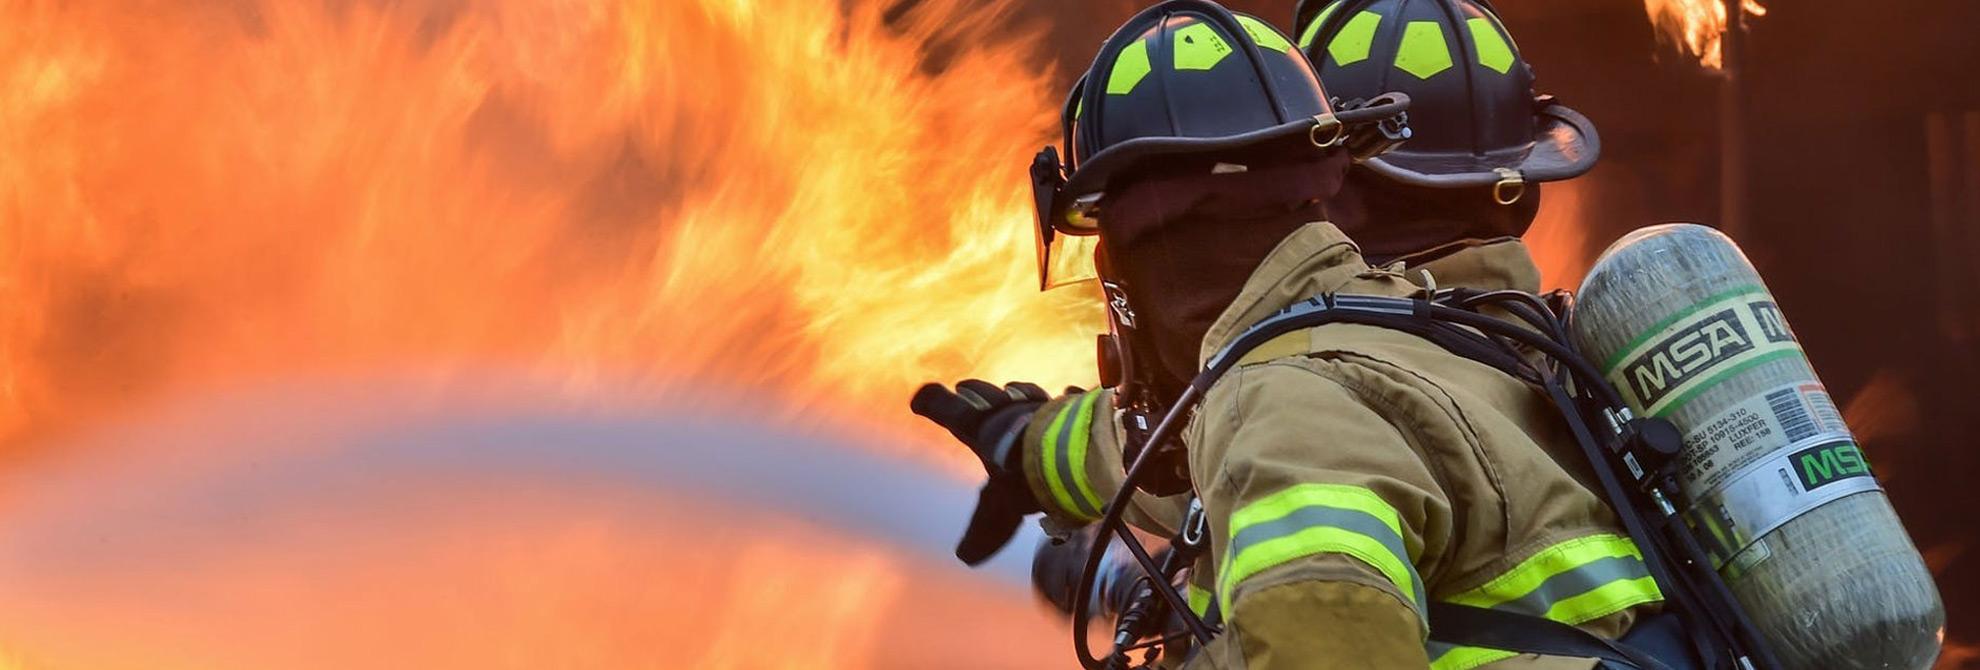 Fund for LA & Ventura Fire Victims